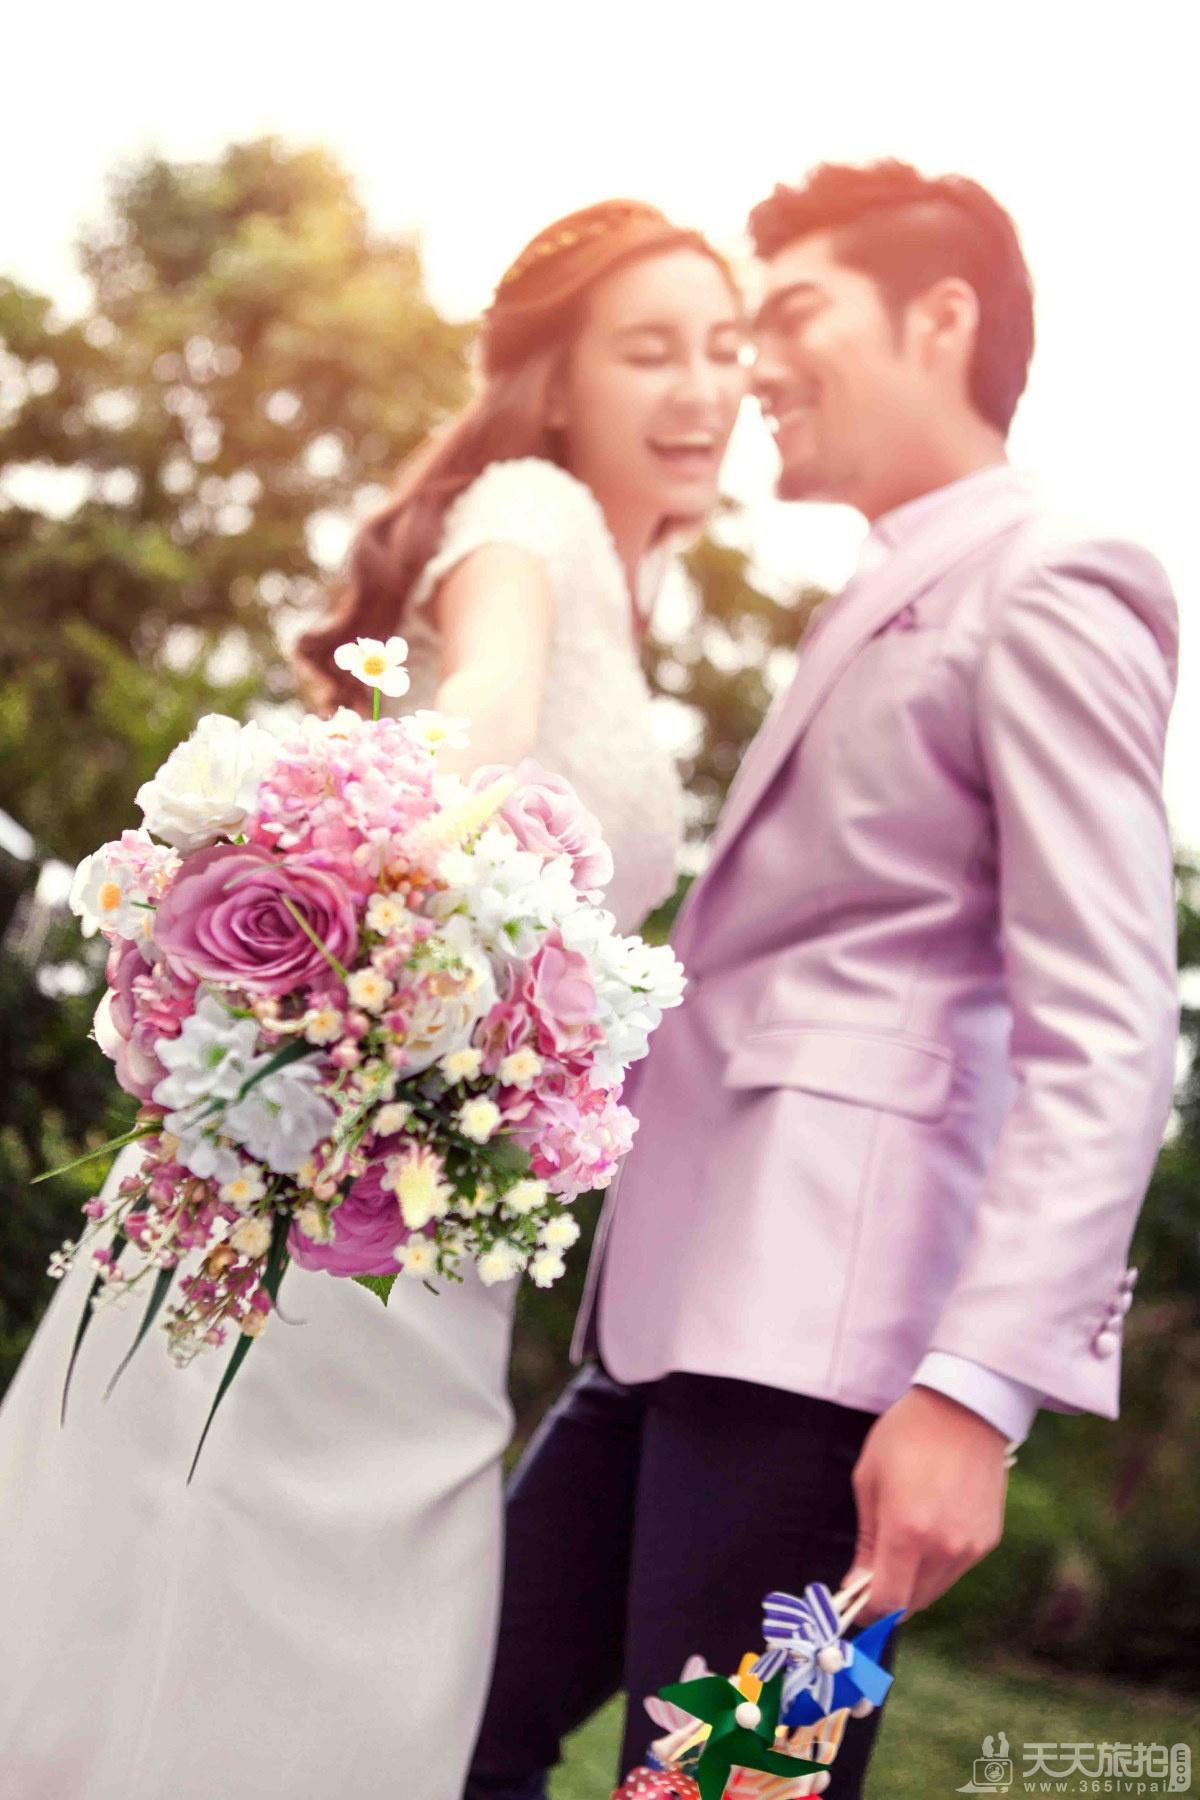 昆明拍婚纱照几月份最好 婚纱照拍摄注意事项